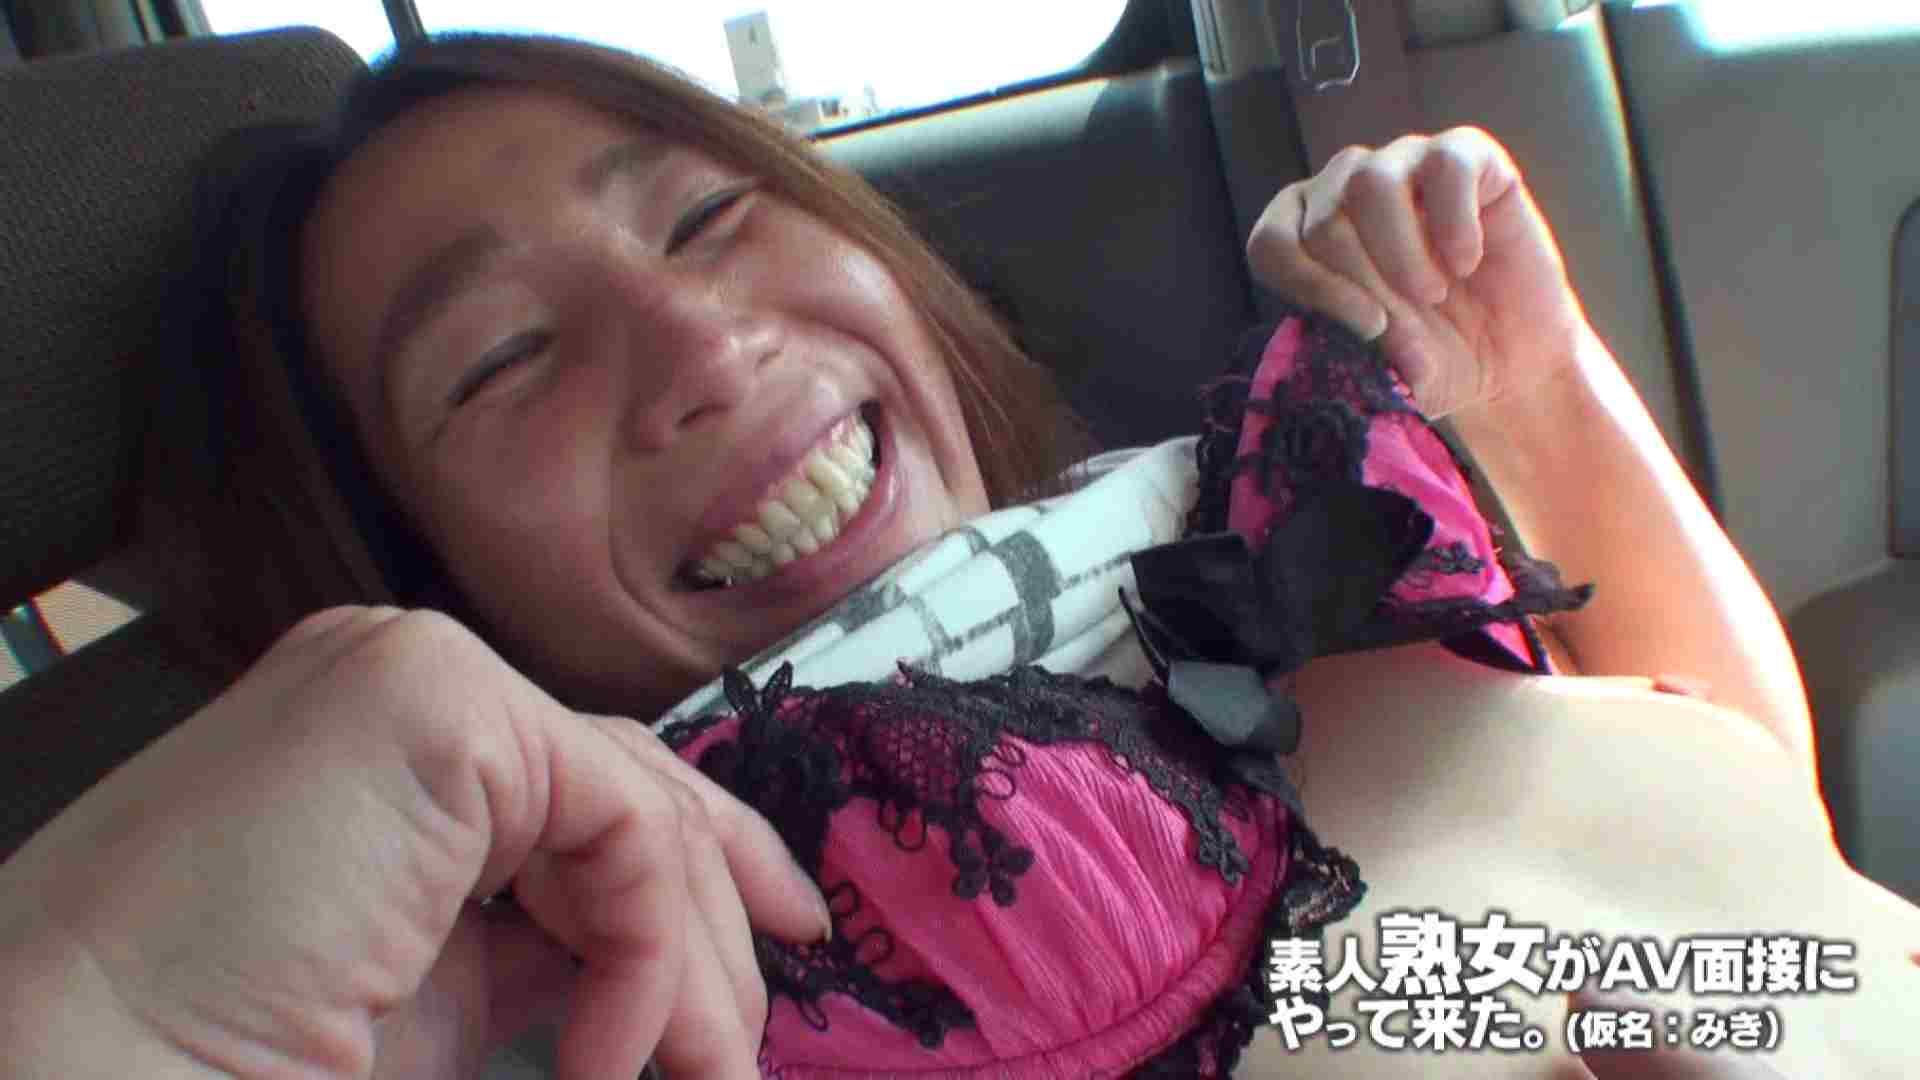 素人熟女がAV面接にやってきた (熟女)みきさんVOL.02 車 | 熟女の裸体  84画像 51